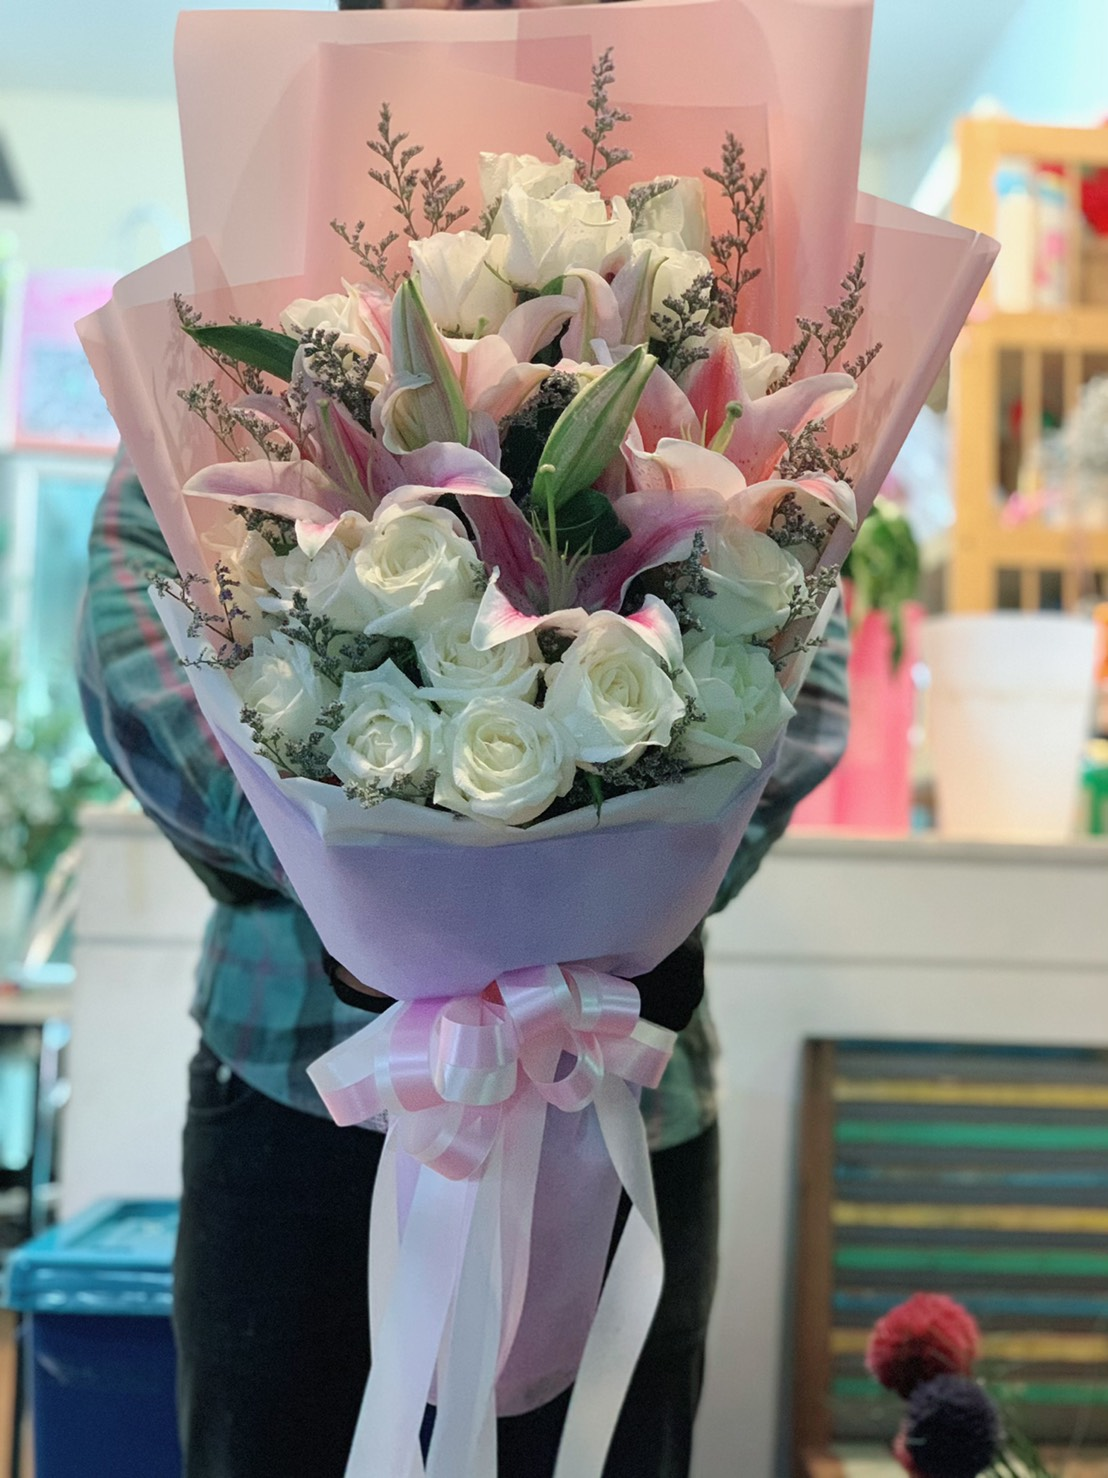 ช่อดอกกุหลาบแสนสวย แซมด้วยดอกลิลลี่สีหวานชวนมอง